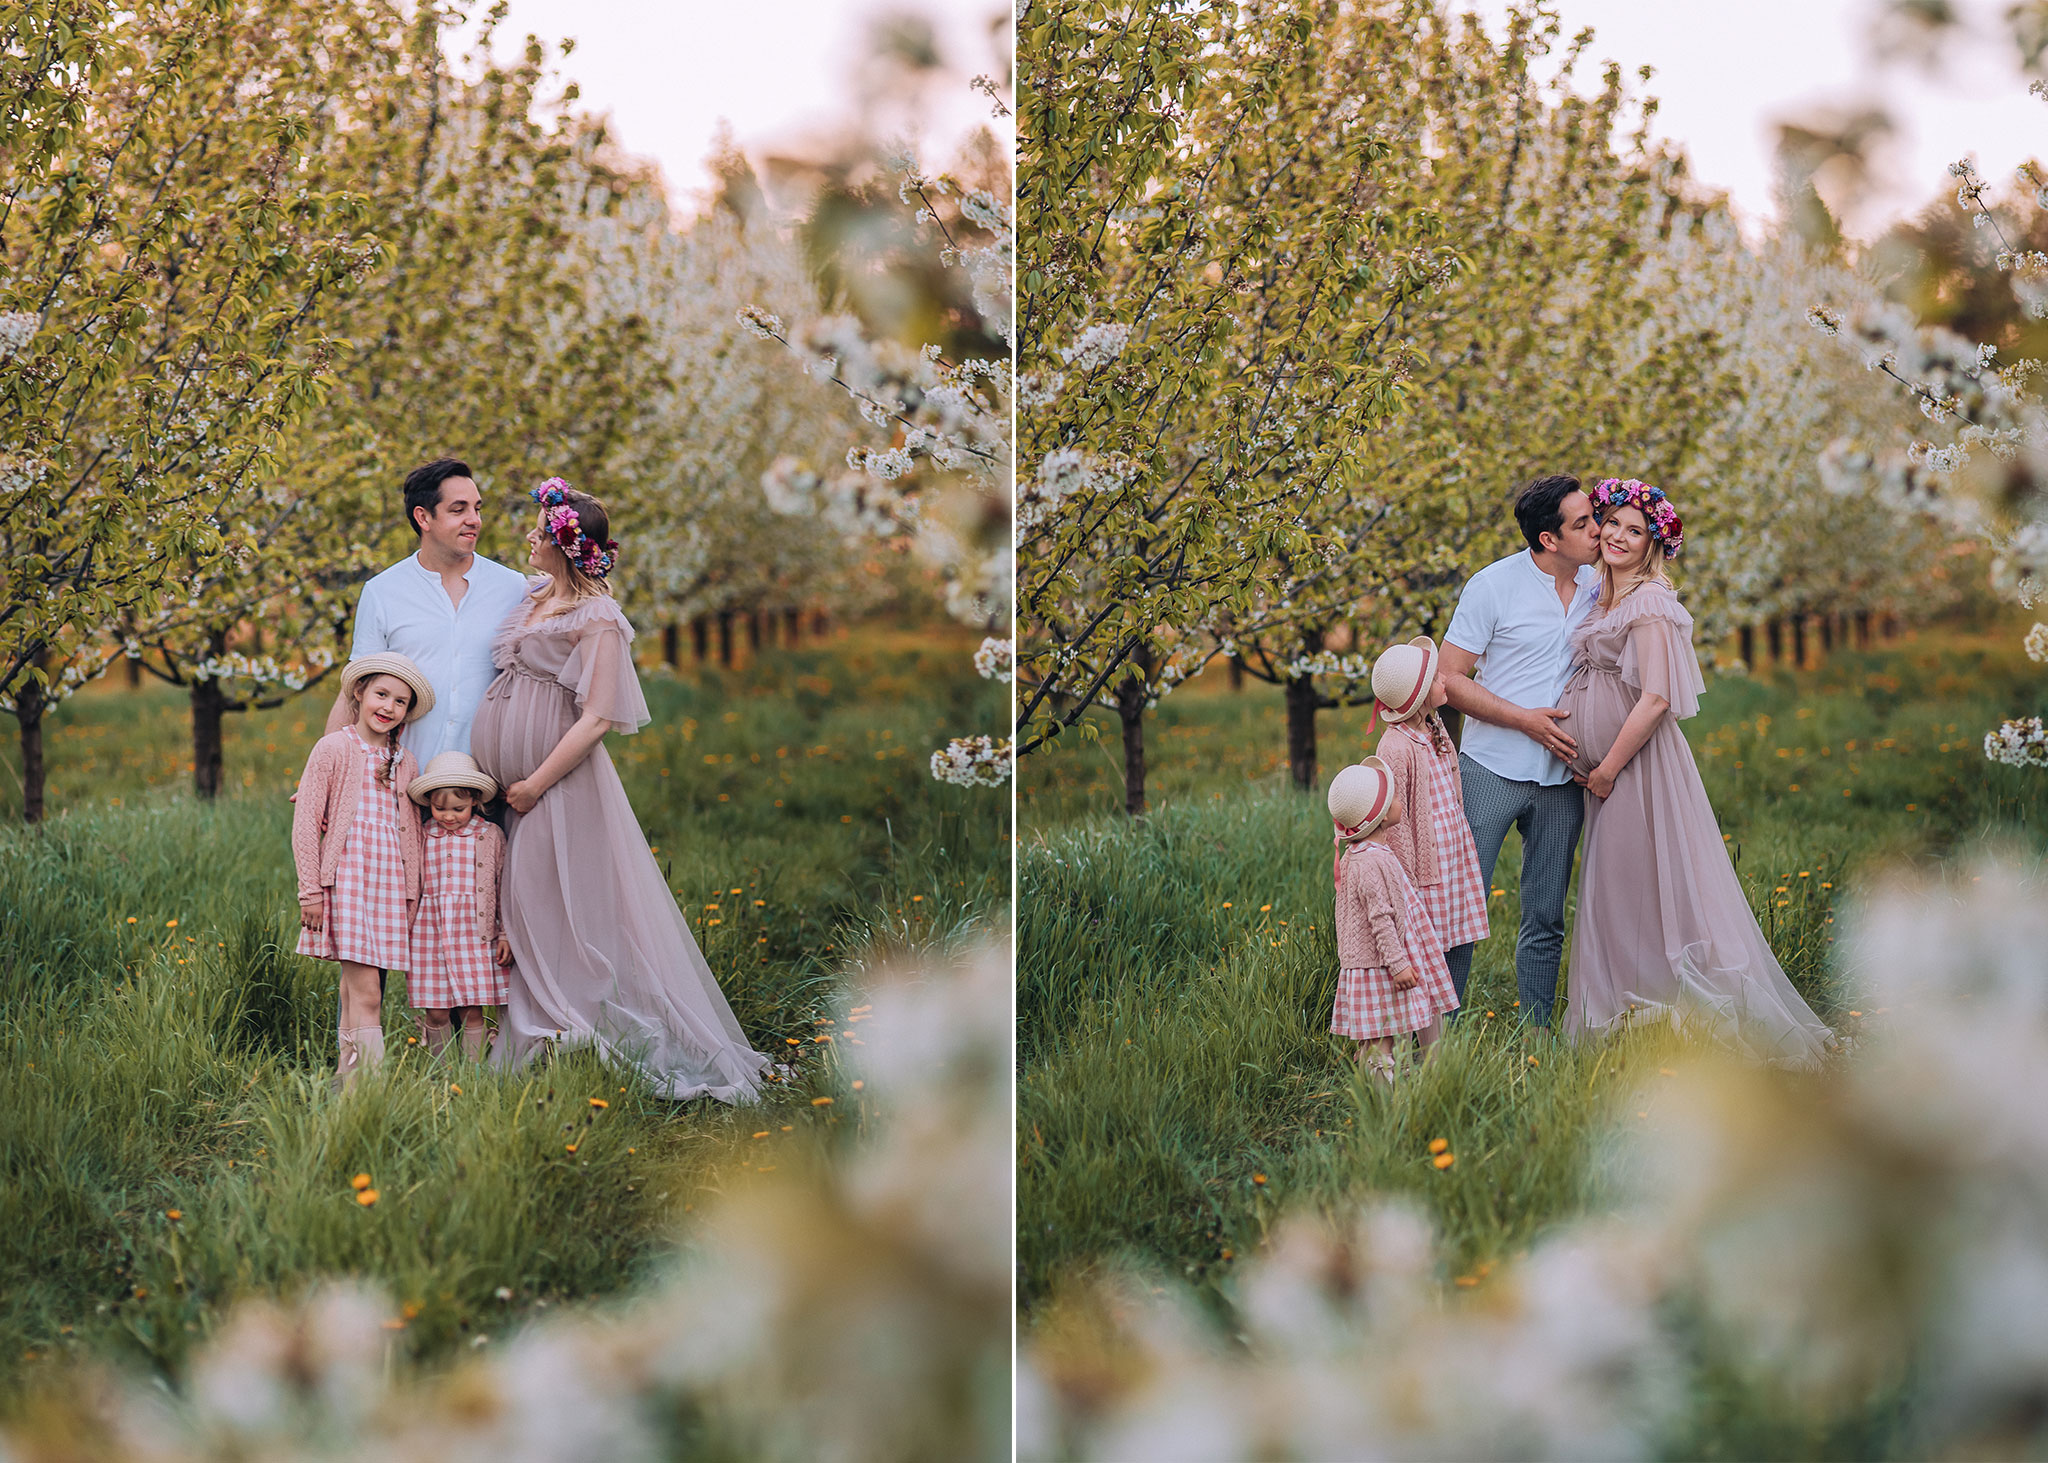 rodzinne zdjecia w kwitnacym sadzie warszawa tarczyn konstancin piaseczno wiosna